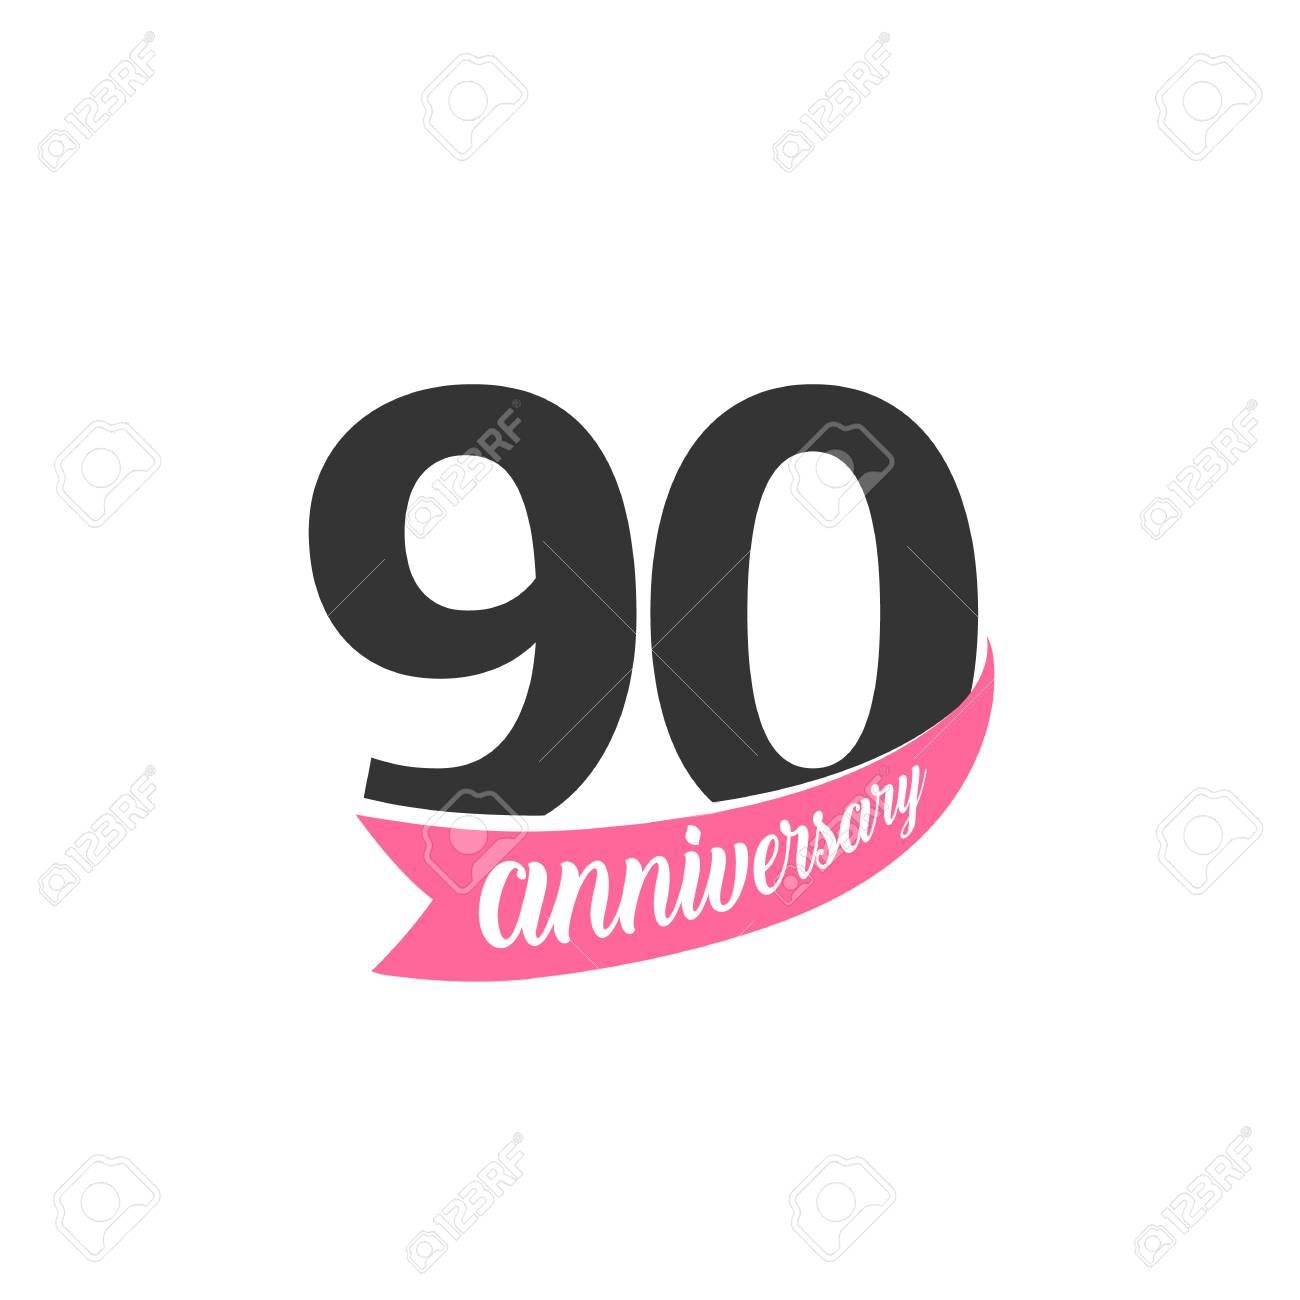 Logo De Vector Aniversario Noventa Número 90 Ilustración Para Tarjeta De Felicitación Invitación Cartel Matrimonio Conmemoración Certificado